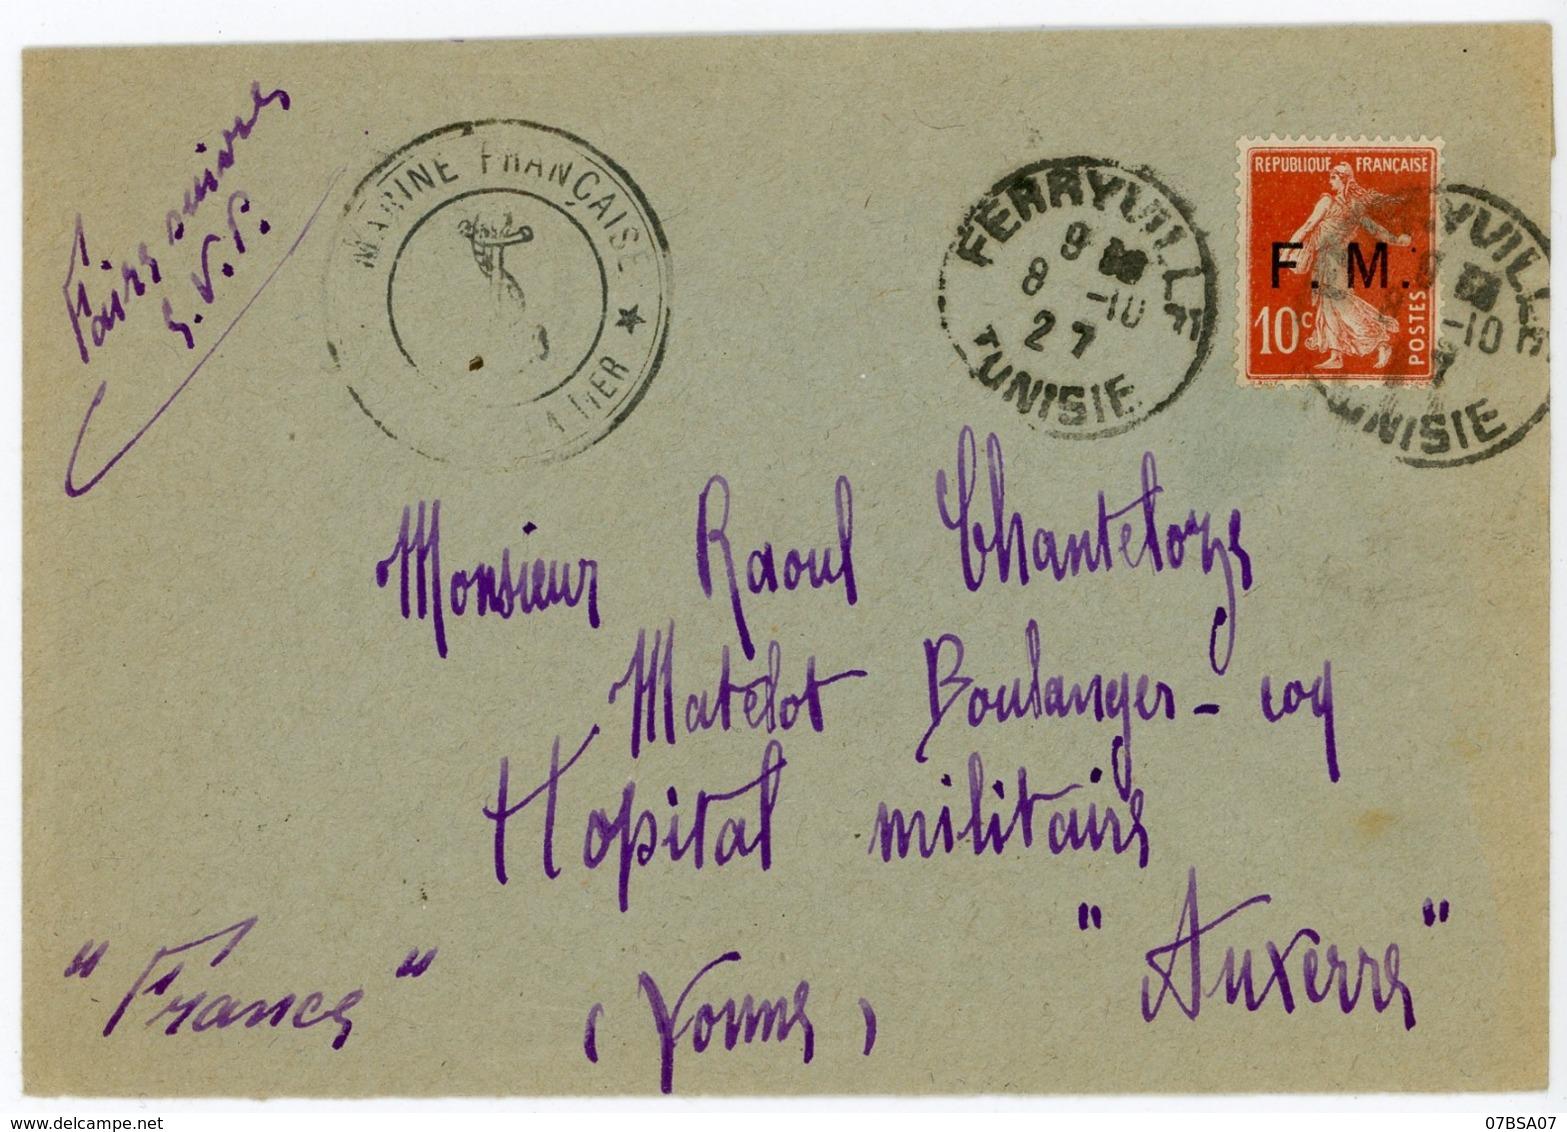 TUNISIE ENV 1927 FERRYVILLE FM AVEC N° FRANCE FM 5 MARINE FRANCAISE SERVICE A LA MER - Lettres & Documents